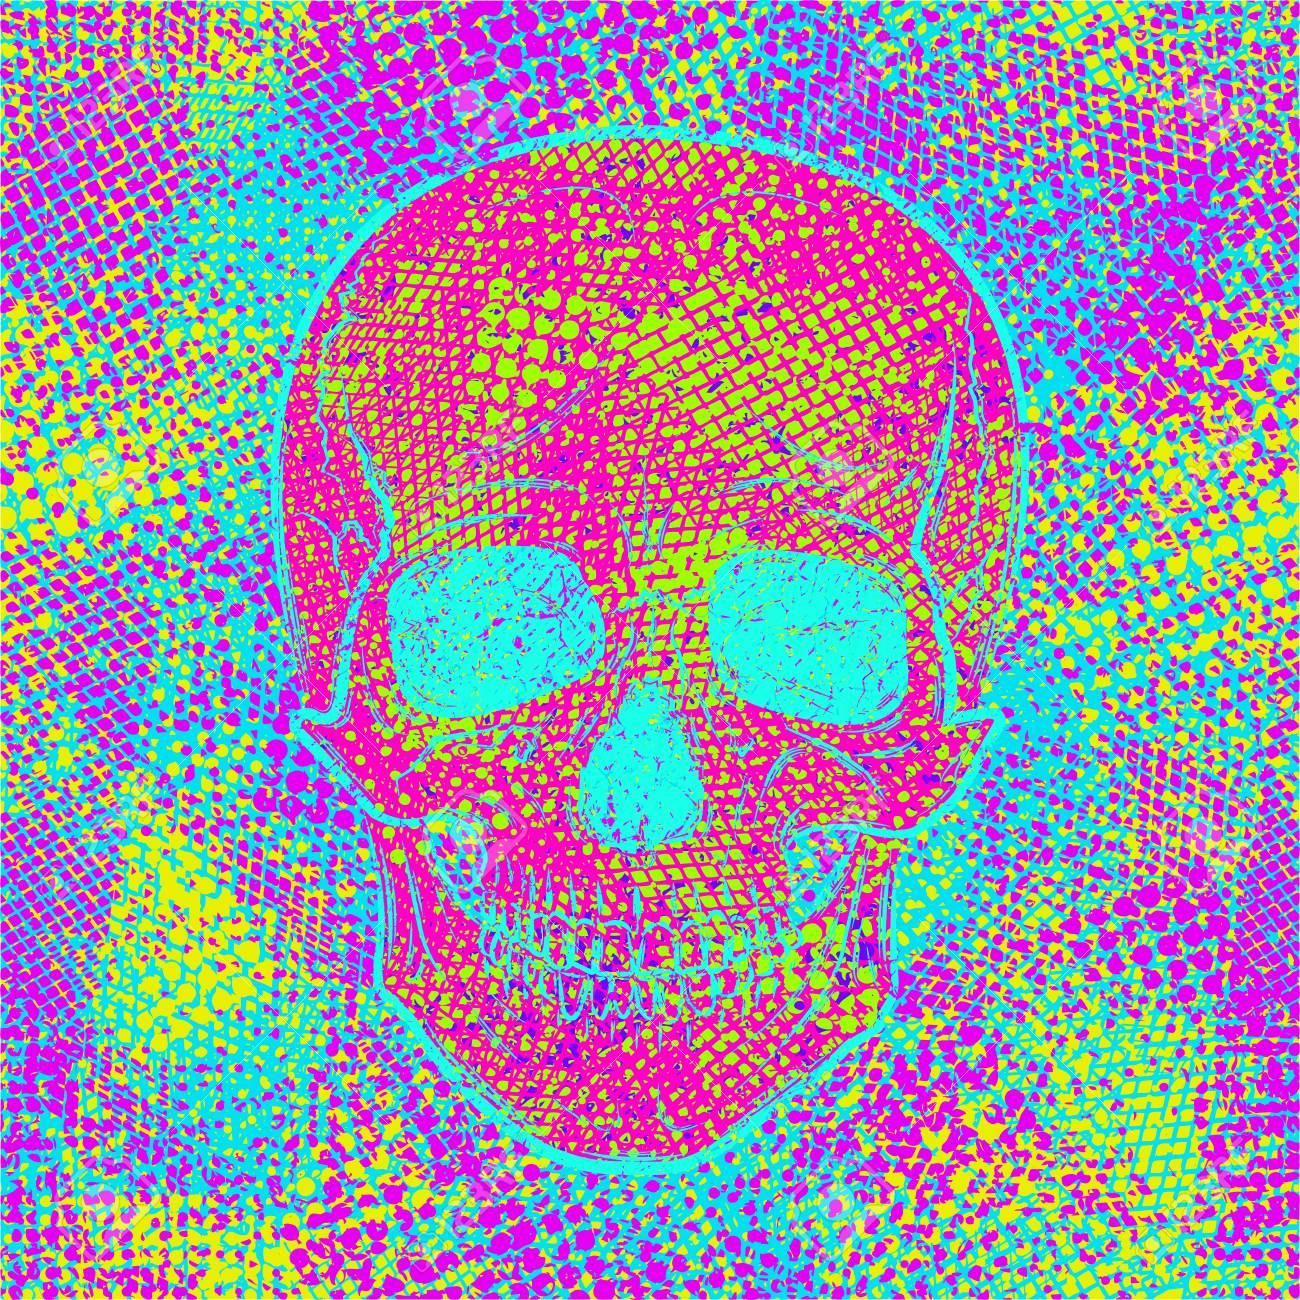 Cráneo En Color Fondo Creativo Caótico. Textura Abstracta Cool ...